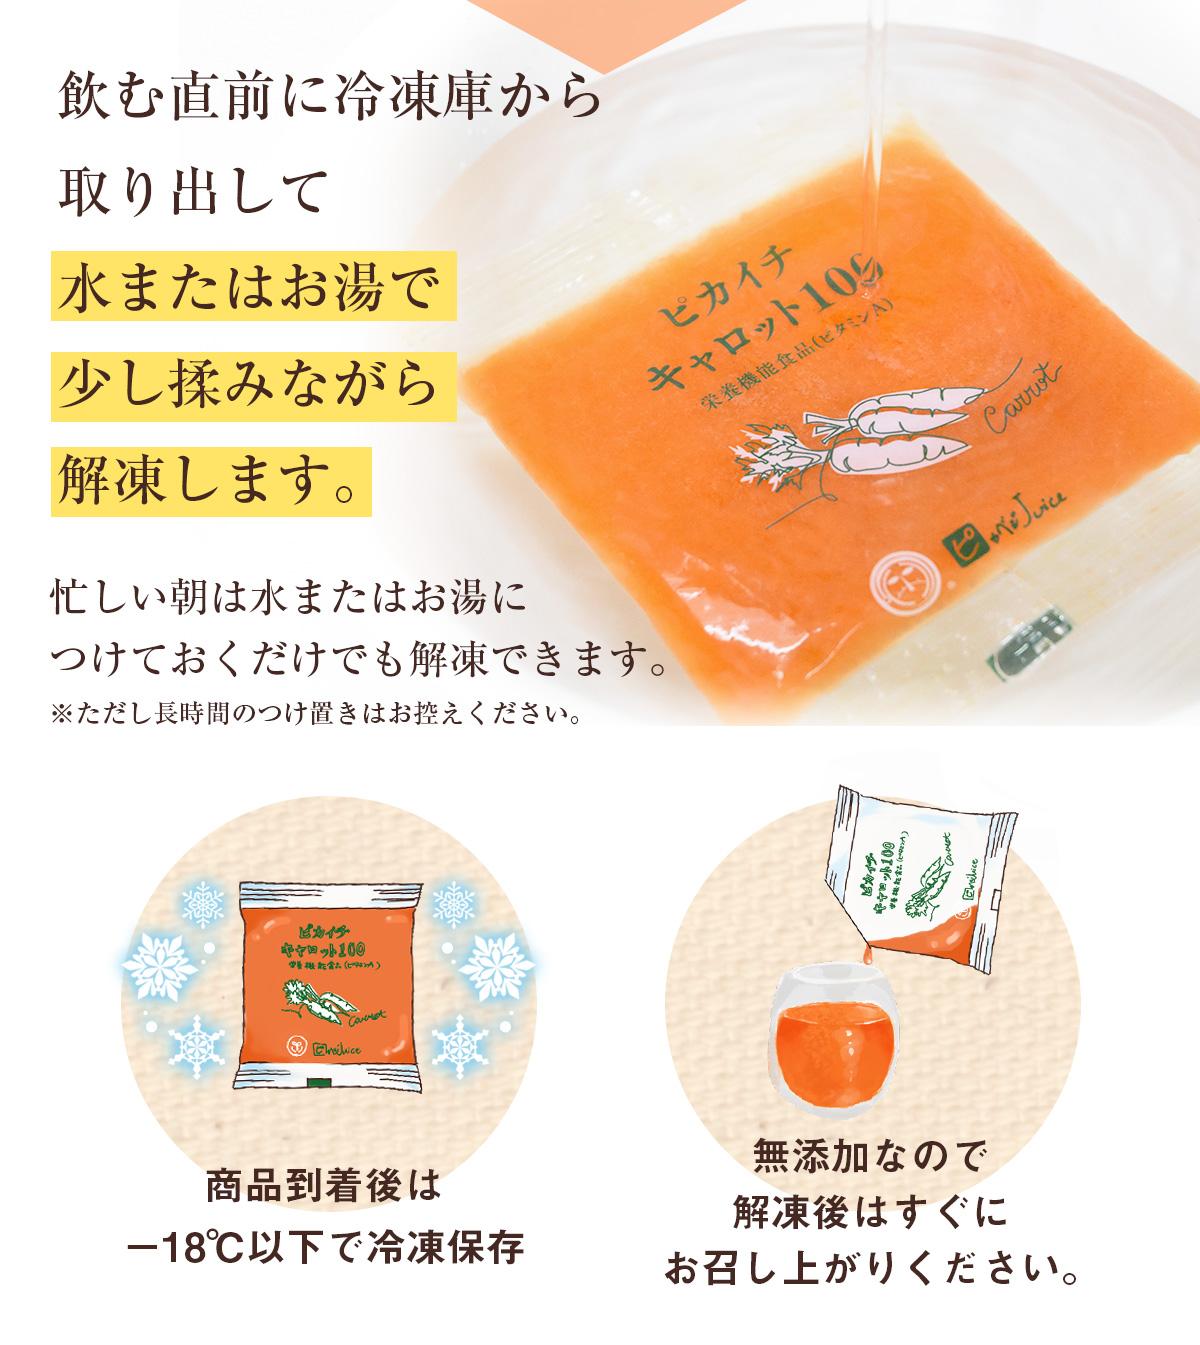 お試しセット 無添加 人参100%ジュース ピカイチキャロット100 1箱 (100cc×7パック) (旧:とくべつなにんじんジュース) にんじんジュース 人参ジュース 冷凍 ストレート 野菜ジュース